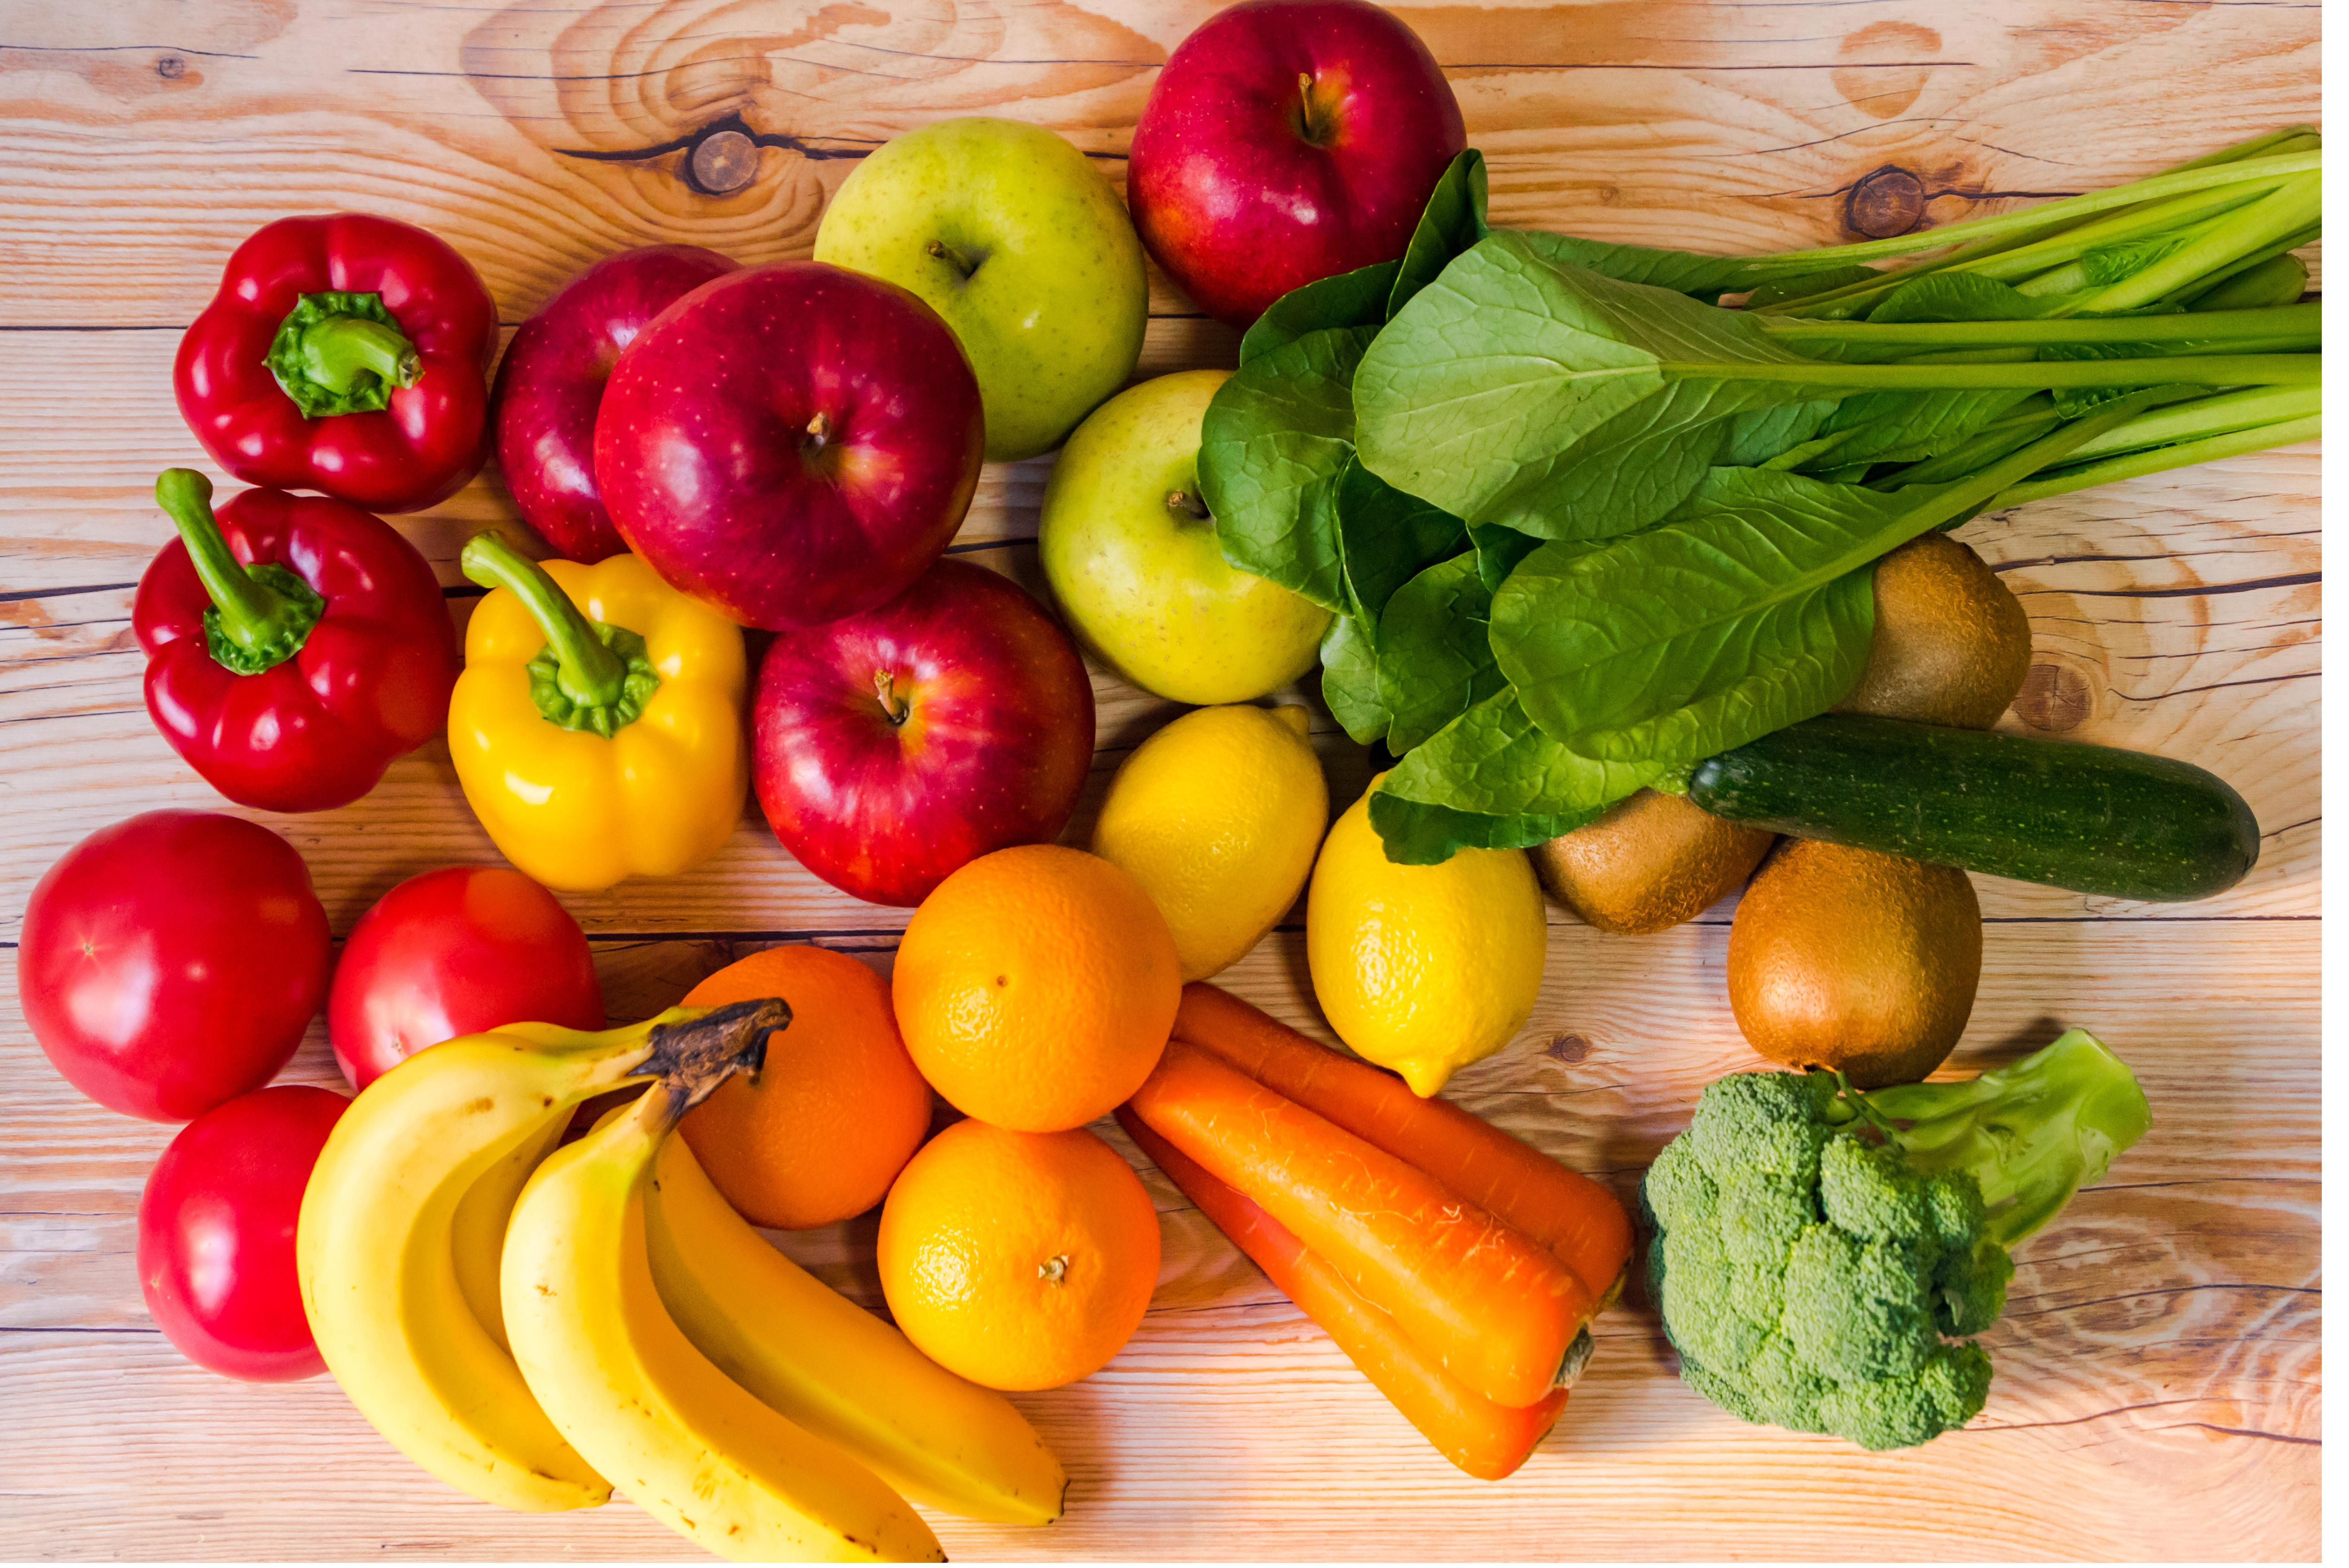 乳がんを予防するために最も効果的なフルーツと野菜は?最新の研究結果